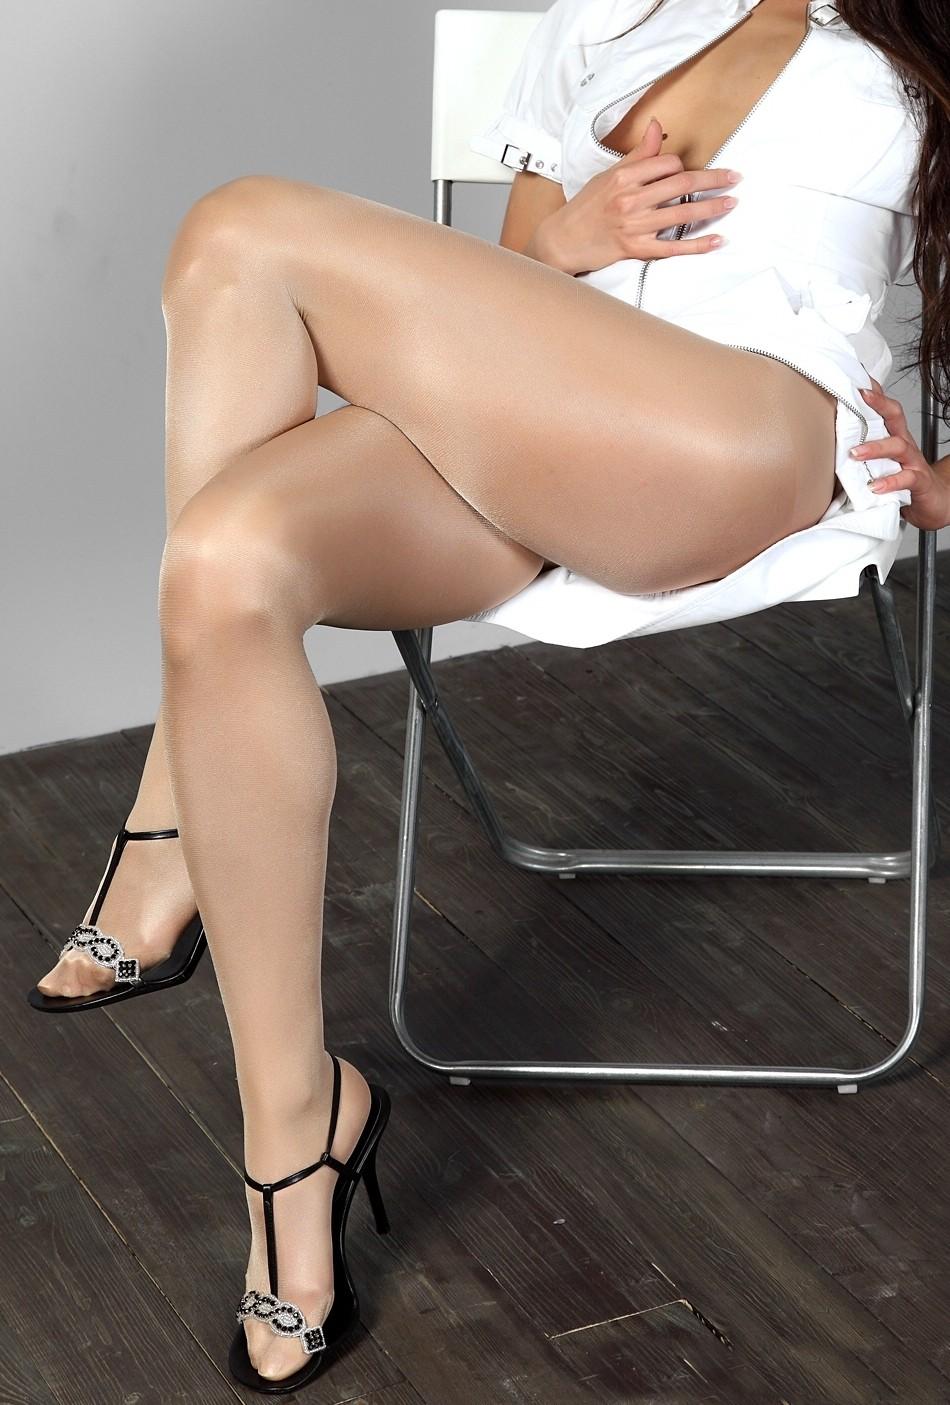 【美脚エロ画像】美しい脚を演出する淫靡な切れ込みw横尻まで見えるスリット入り(;´∀`)